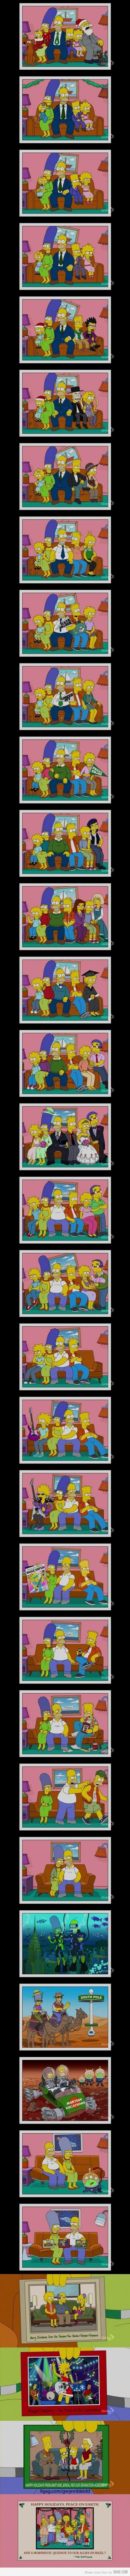 A few simpson's christmas card photos: Christmas Cards, Simpsons Christmas, Stuff, The Simpsons, Funny